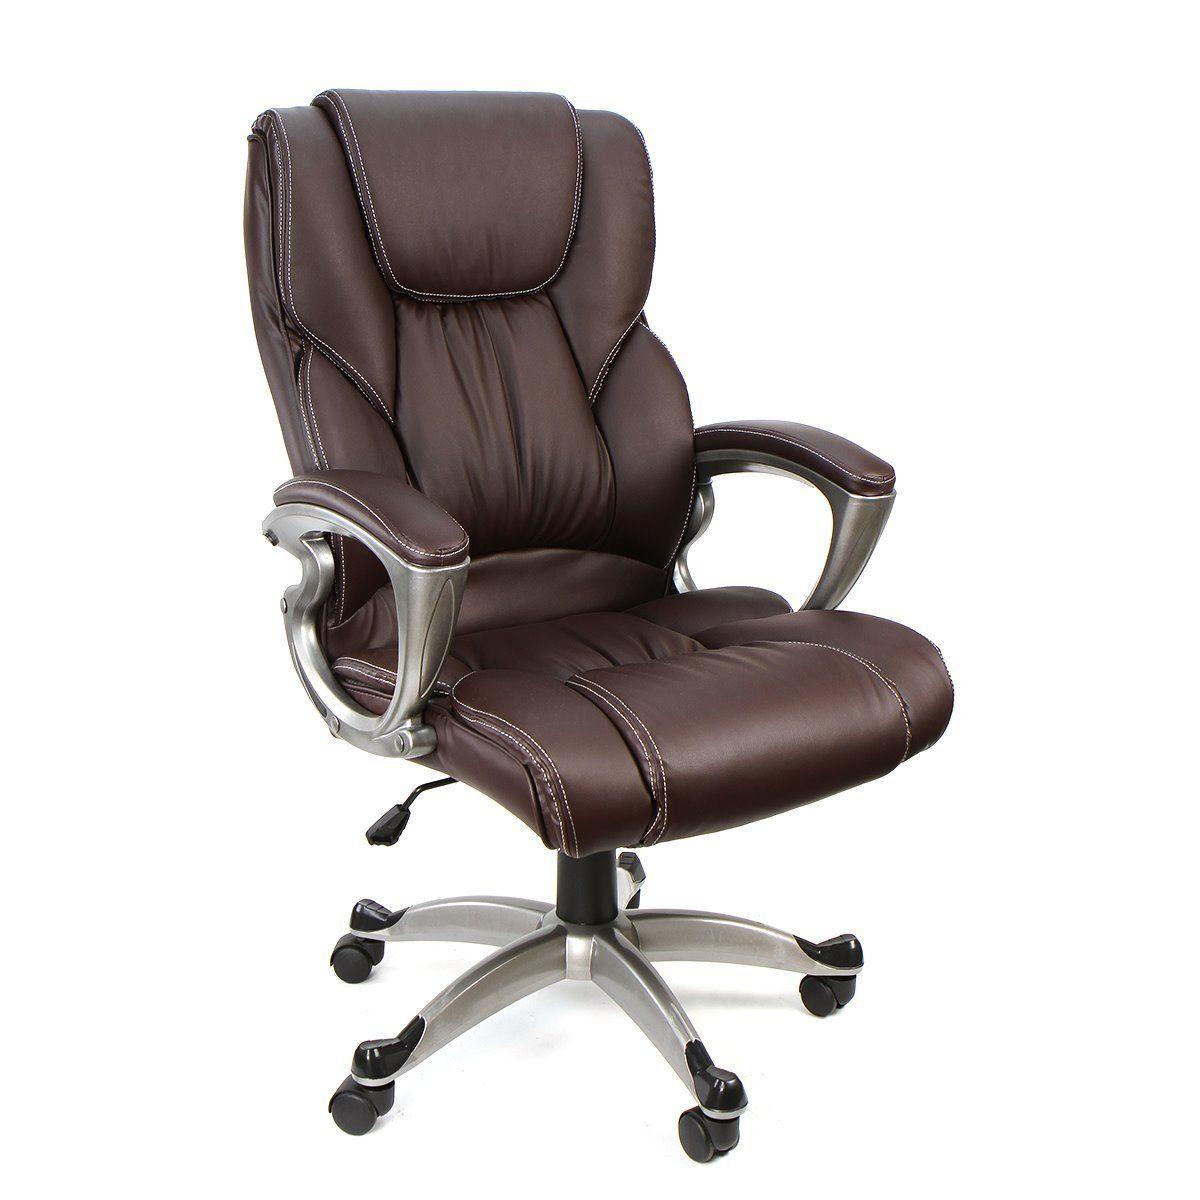 Wunderbar Computerstuhl Ideen Von Puter Stuhl